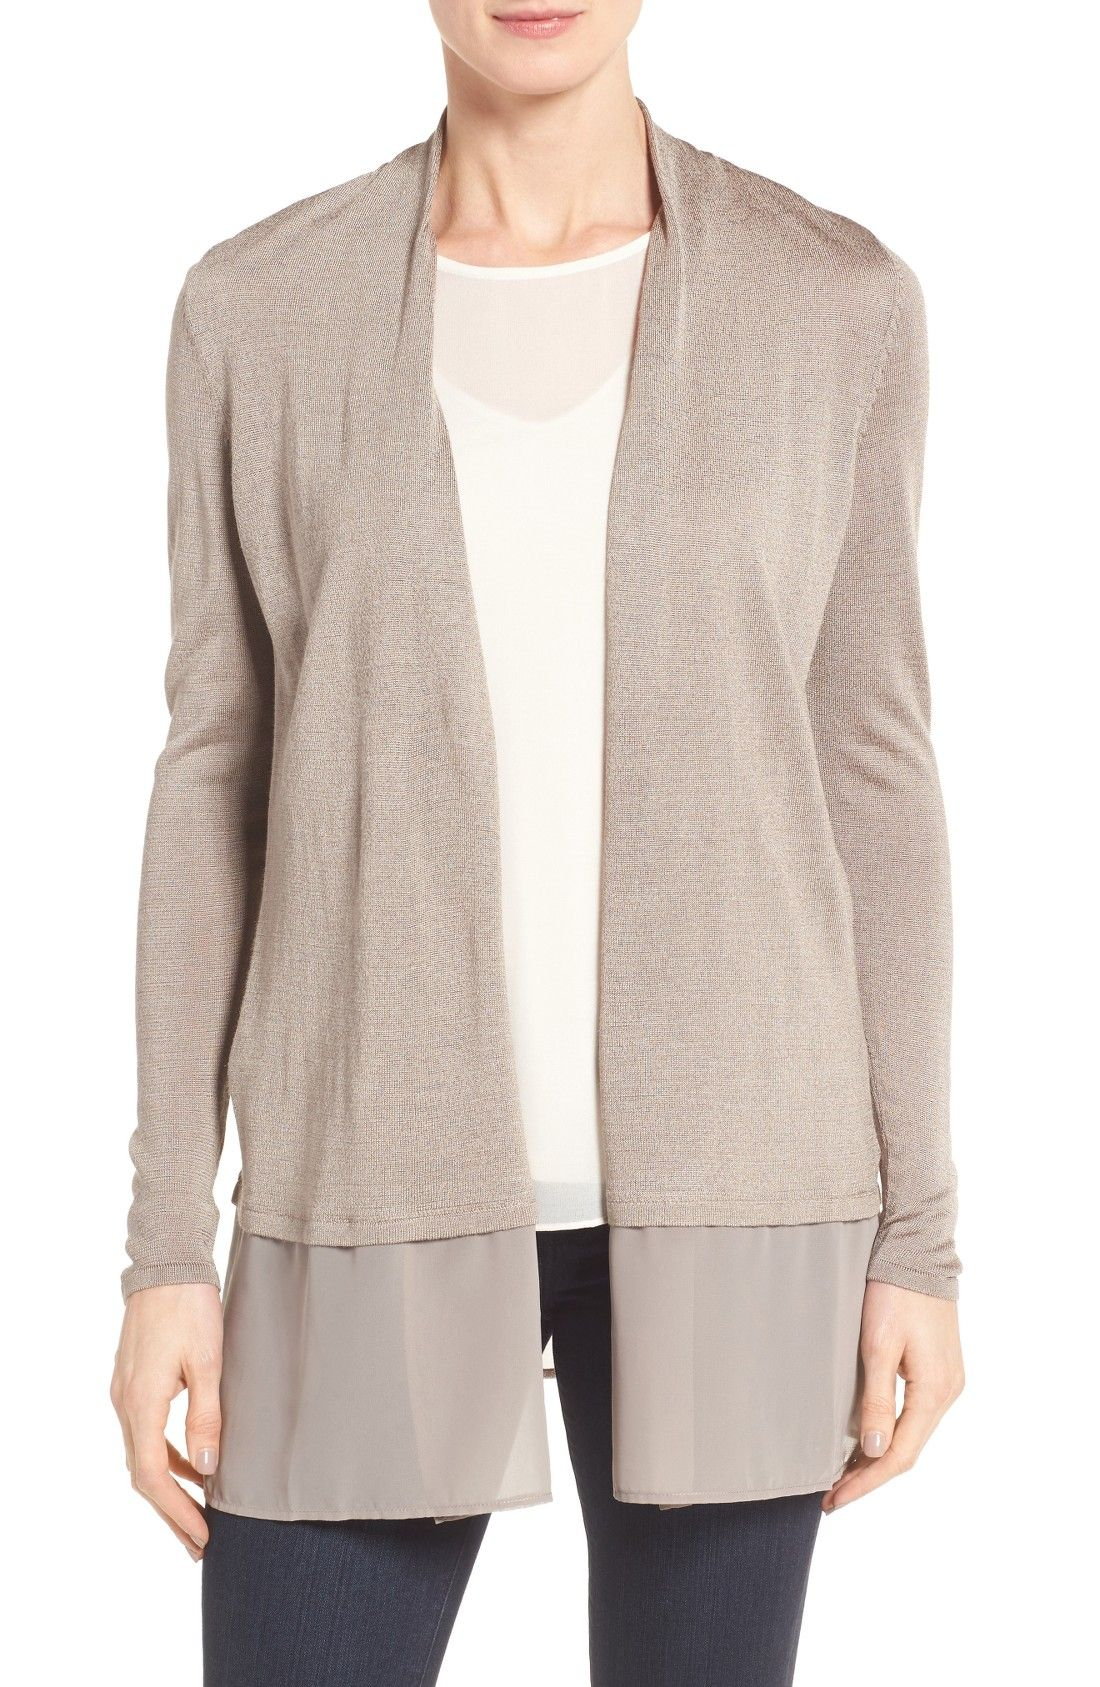 NIC ZOE Chiffon Trim Cardigan Online Cheap | Women's Work Clothing ...